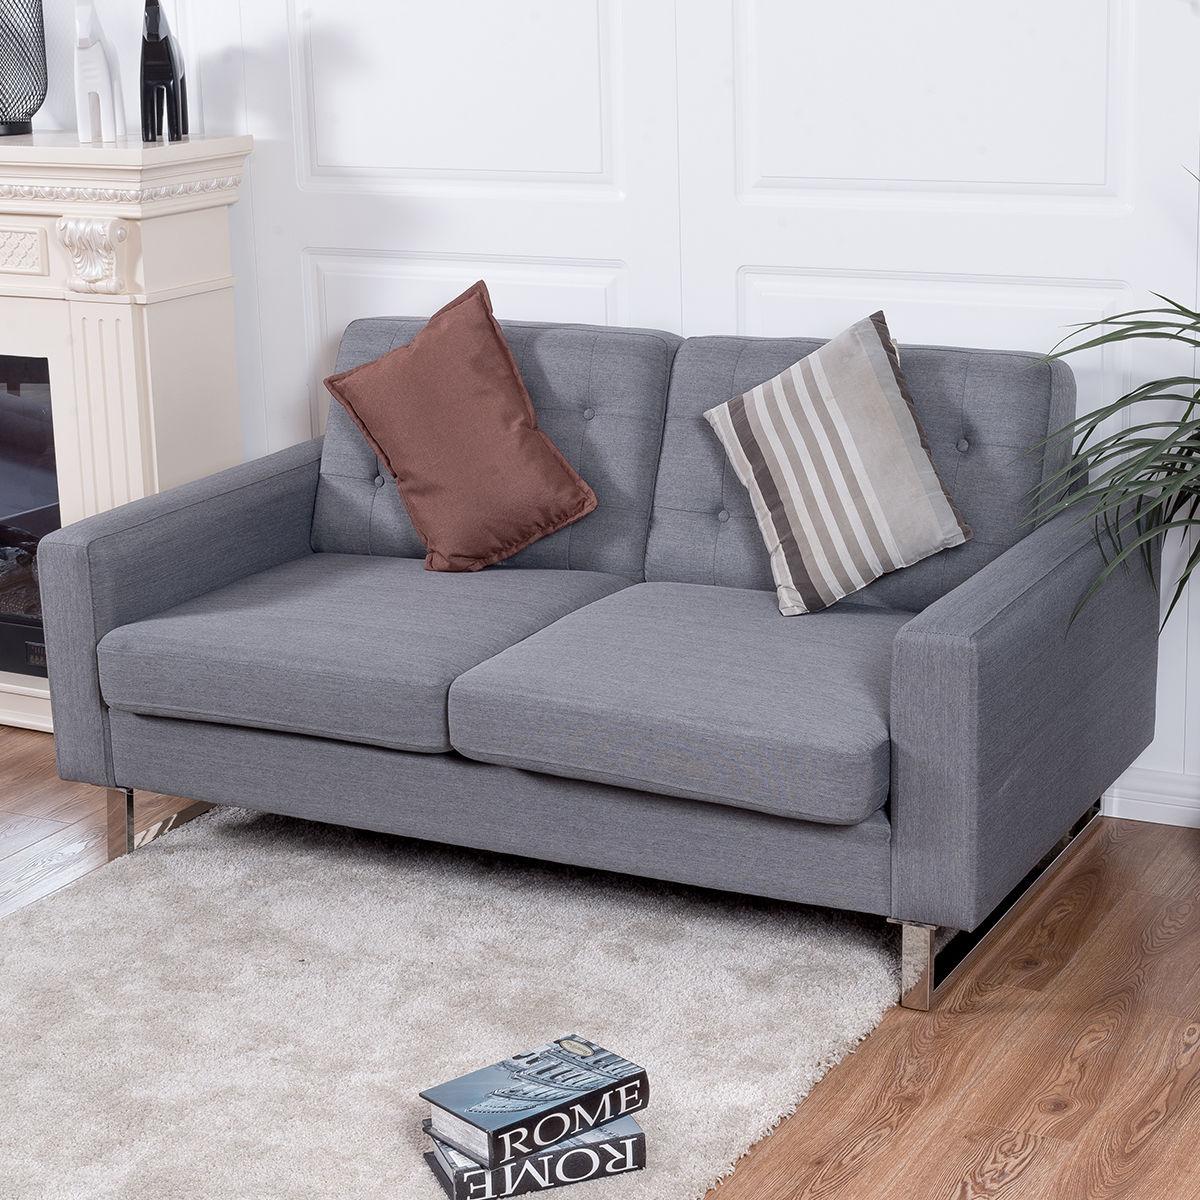 Full Size of Luxus Sofa Online Shop Giante2 Sitz Couch Home Office Türkis Langes Machalke Esstisch Benz überwurf Ikea Mit Schlaffunktion 3 2 1 Sitzer Chesterfield Grau Sofa Luxus Sofa